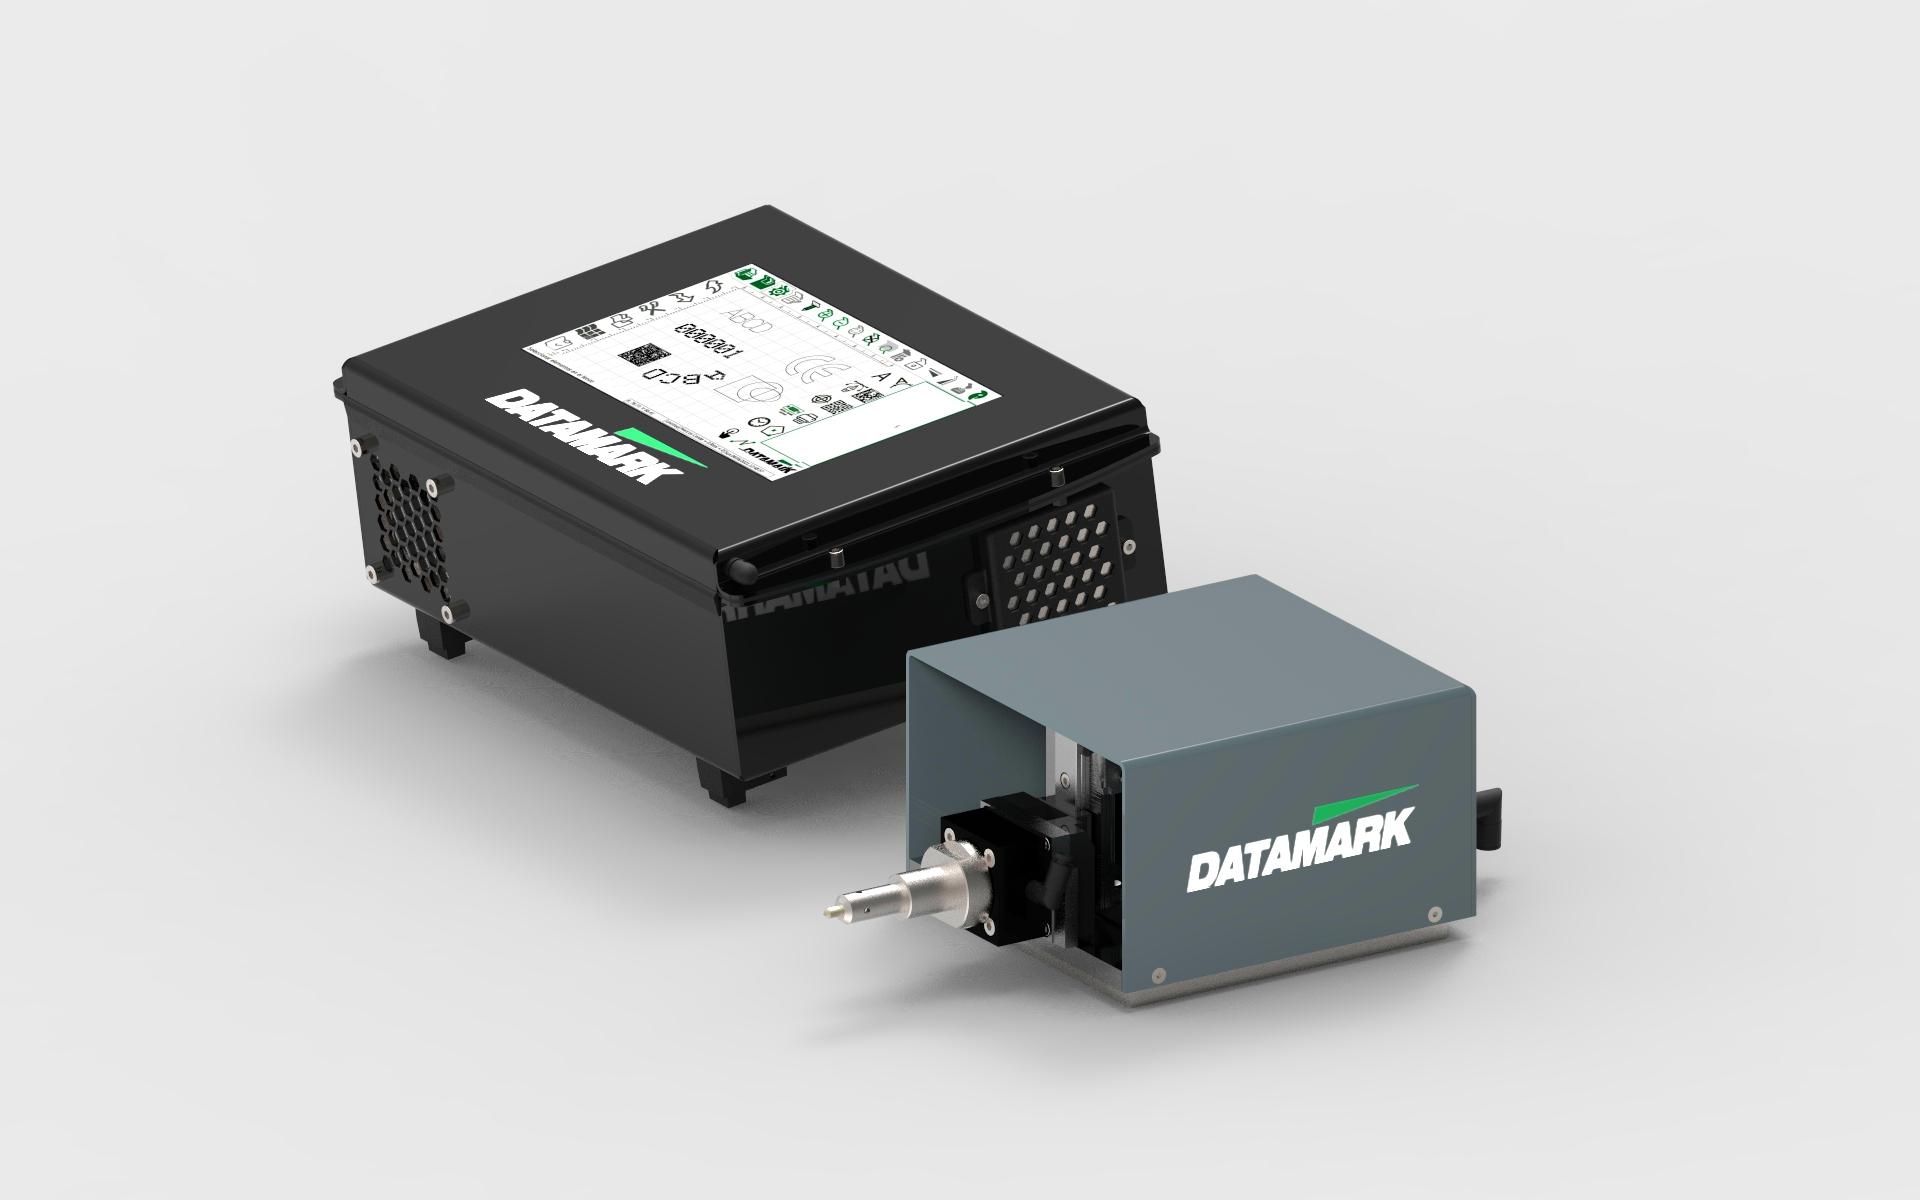 Sistema de marcaje automático de piezas Datamark MP-80